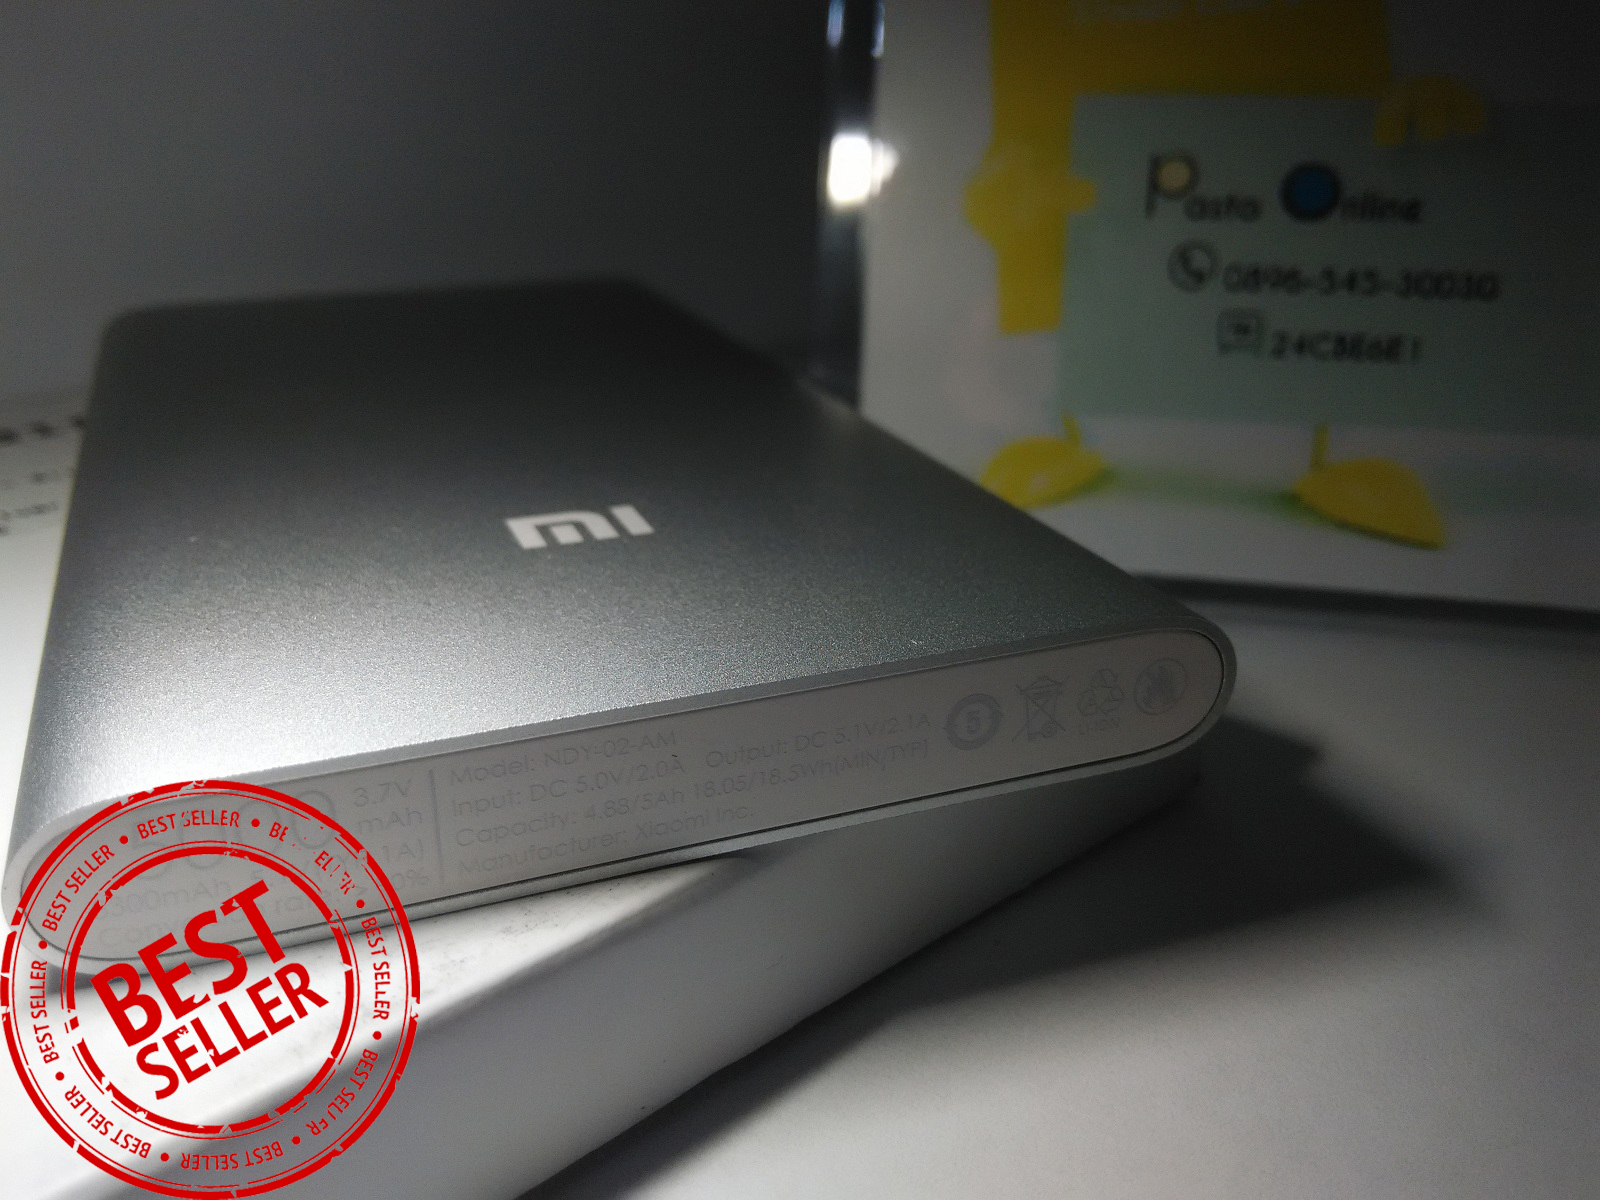 Harga Jual Power Bank Xiaomi Slim Vaku R Redmi Note 4 Powerbank 99000mah Stainless 5000mah Original Resmi